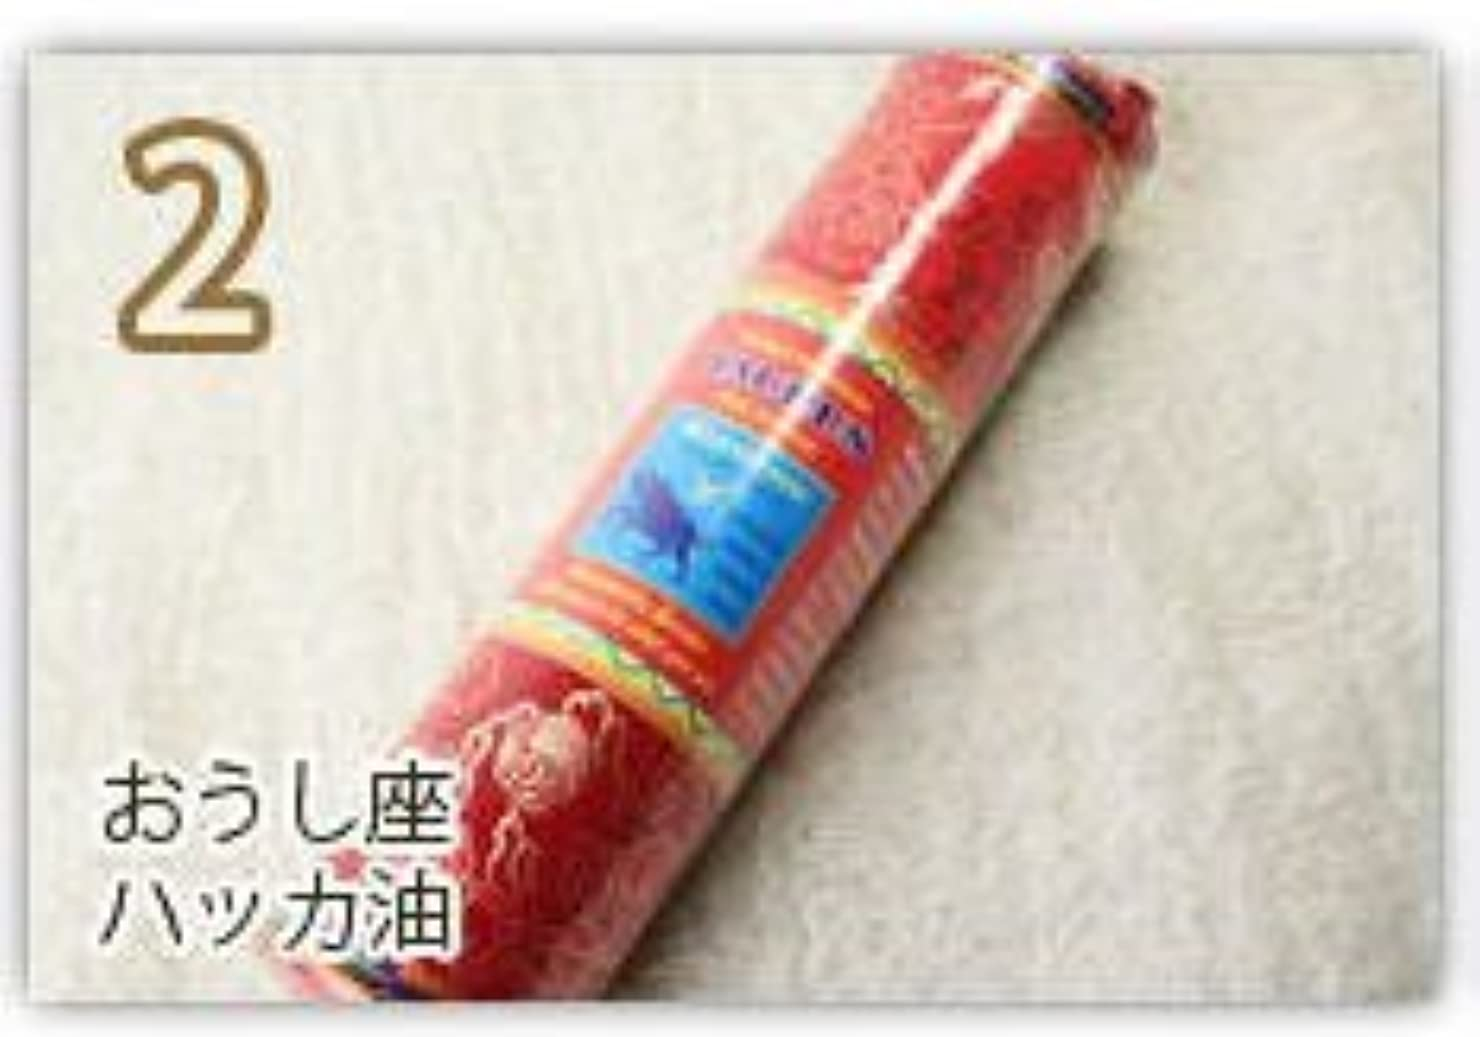 会話皮肉な最終的に12星座別に香りを配合したネパール製お香 ホロスコープインセンス (2.Taurus (おうし座))